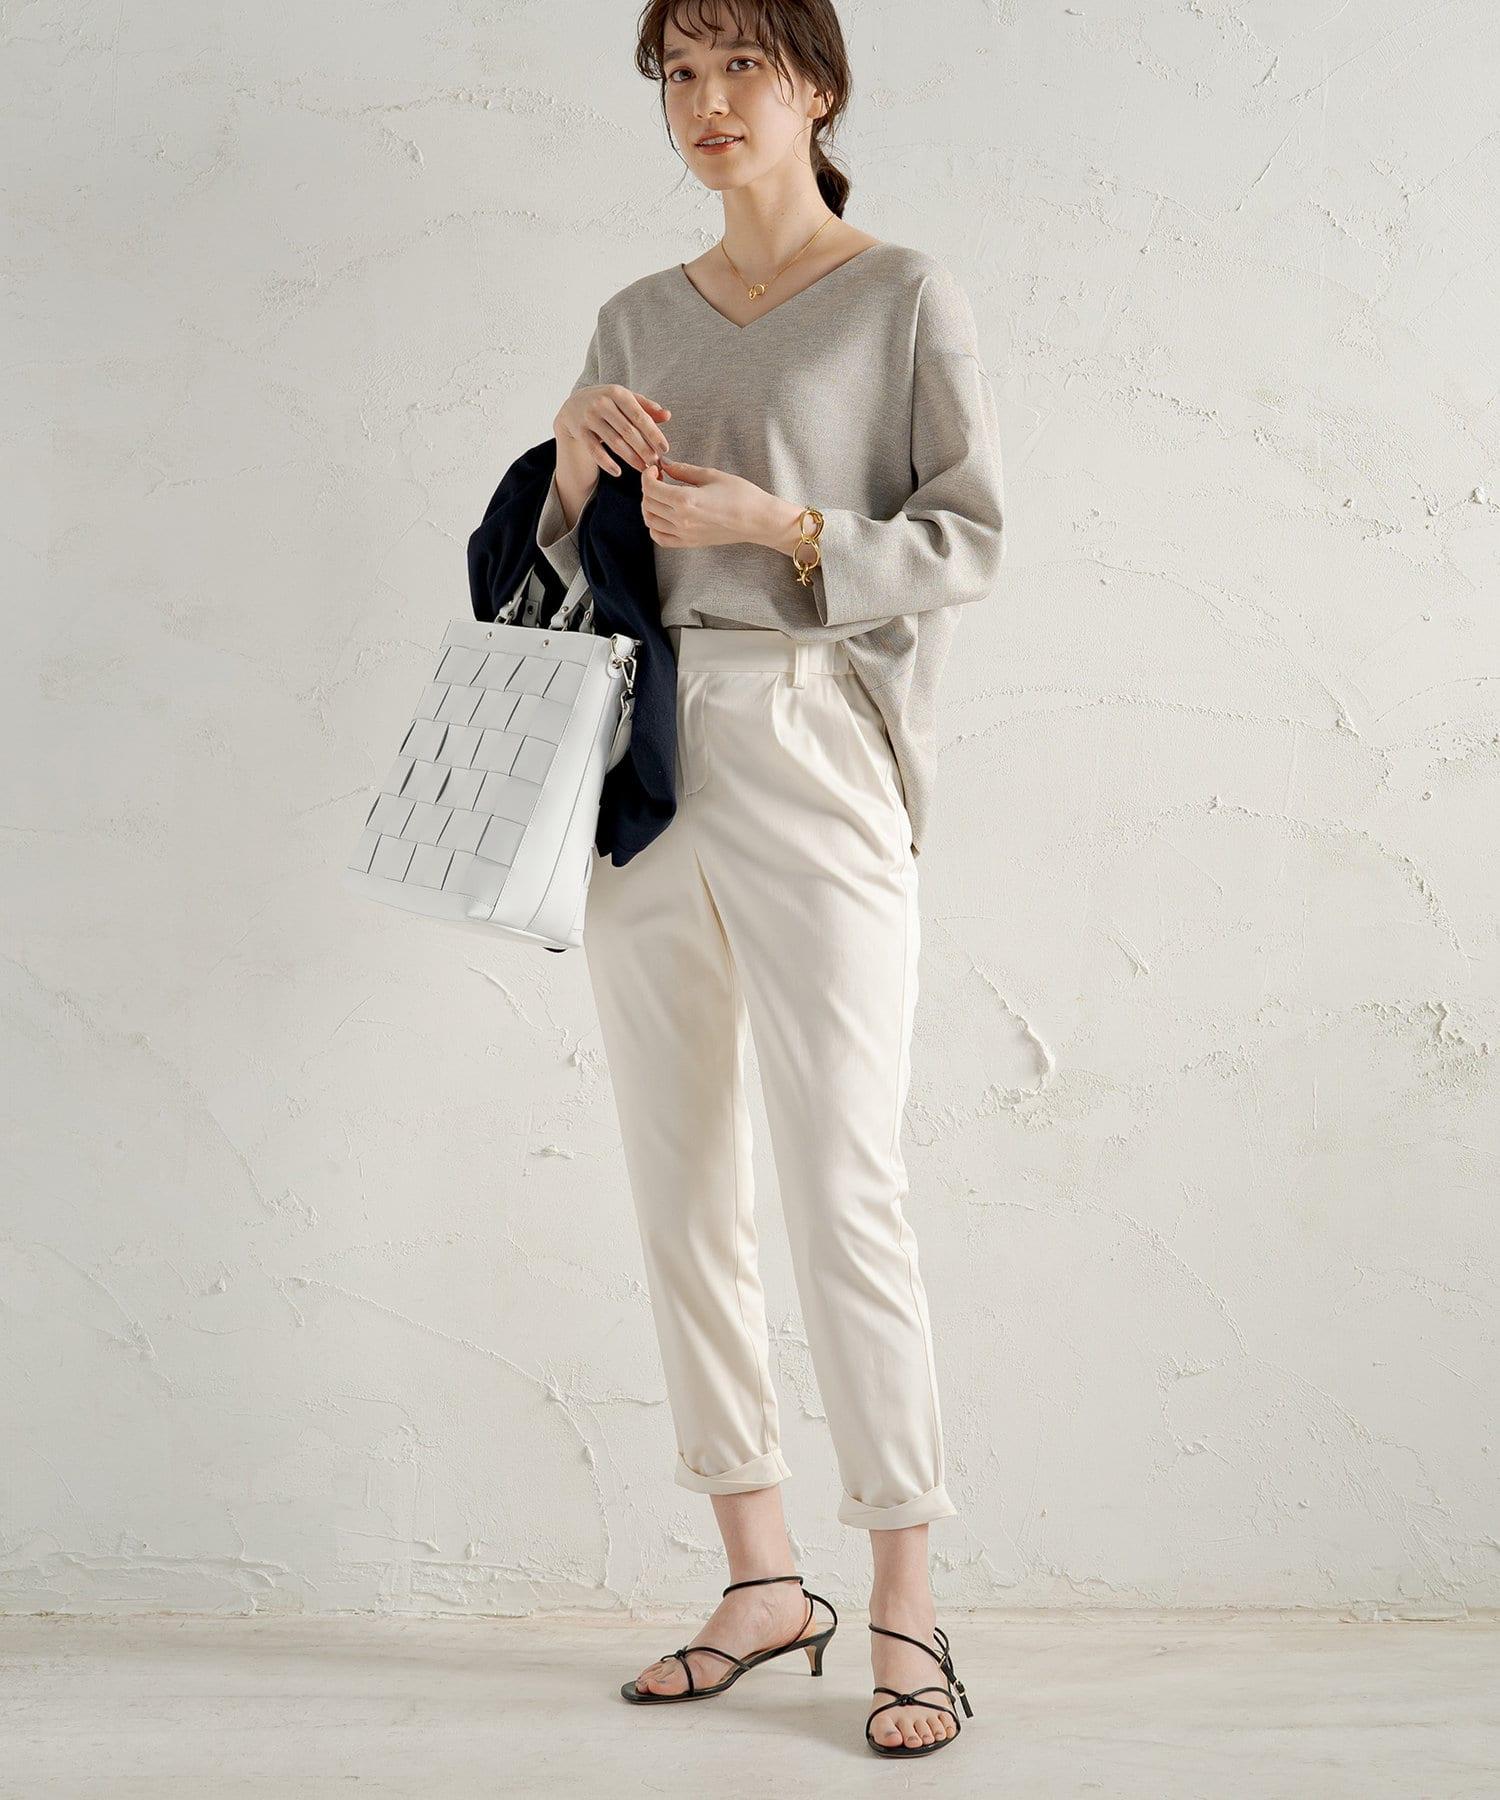 Loungedress(ラウンジドレス) 【定番人気】裾ねじりパンツ